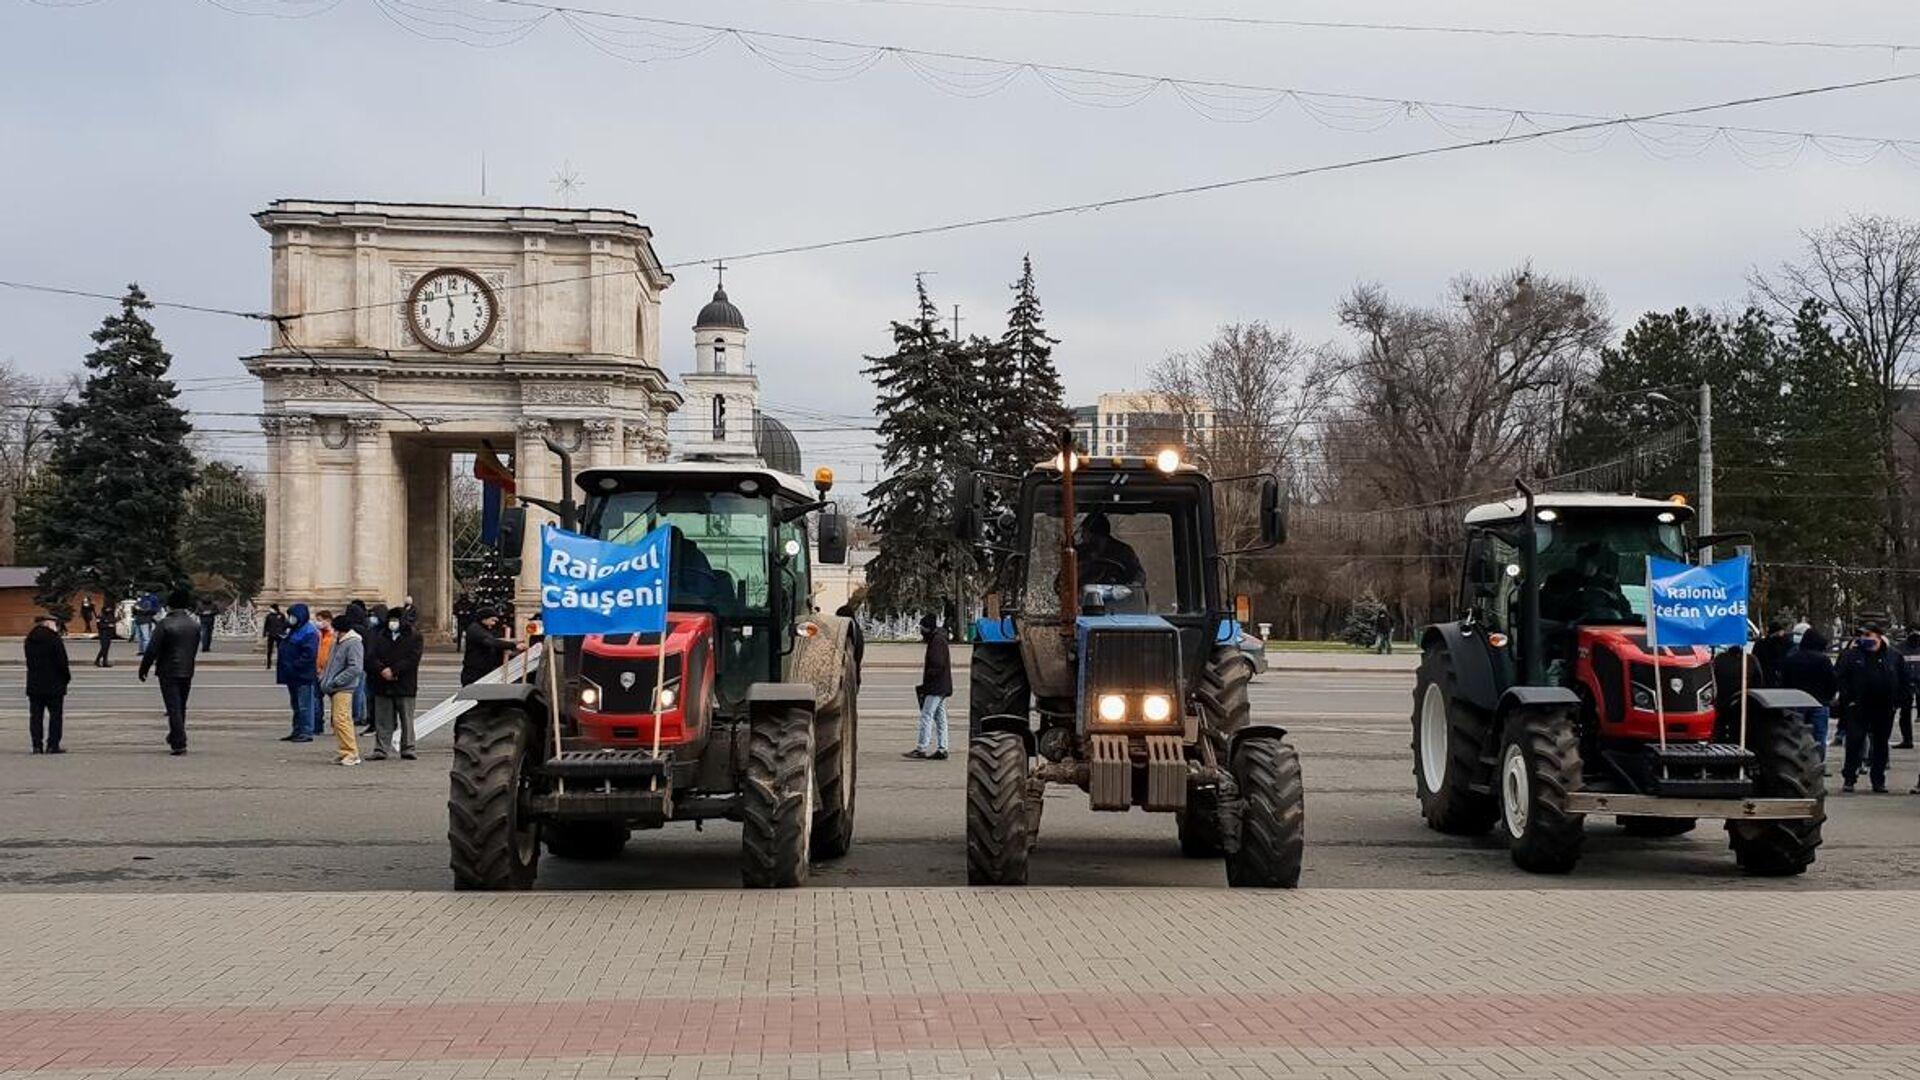 Тракторы на площади у здания правительства Молдавии в Кишиневе - РИА Новости, 1920, 15.12.2020